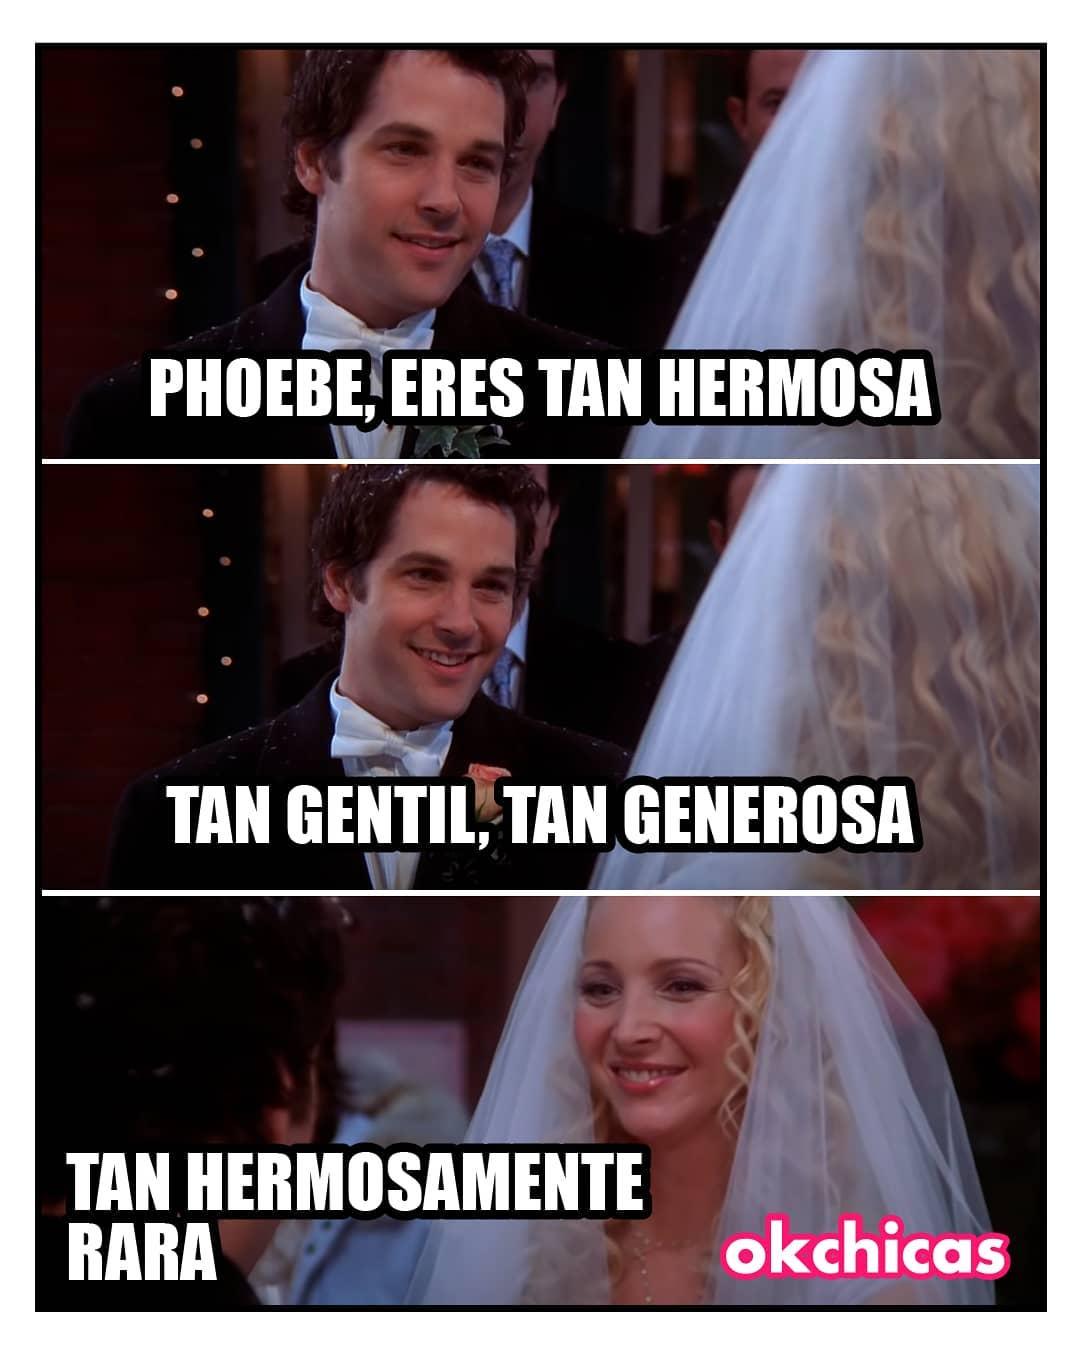 Phoebe, eres tan hermosa. Tan gentil, tan generosa. Tan hermosamente rara.